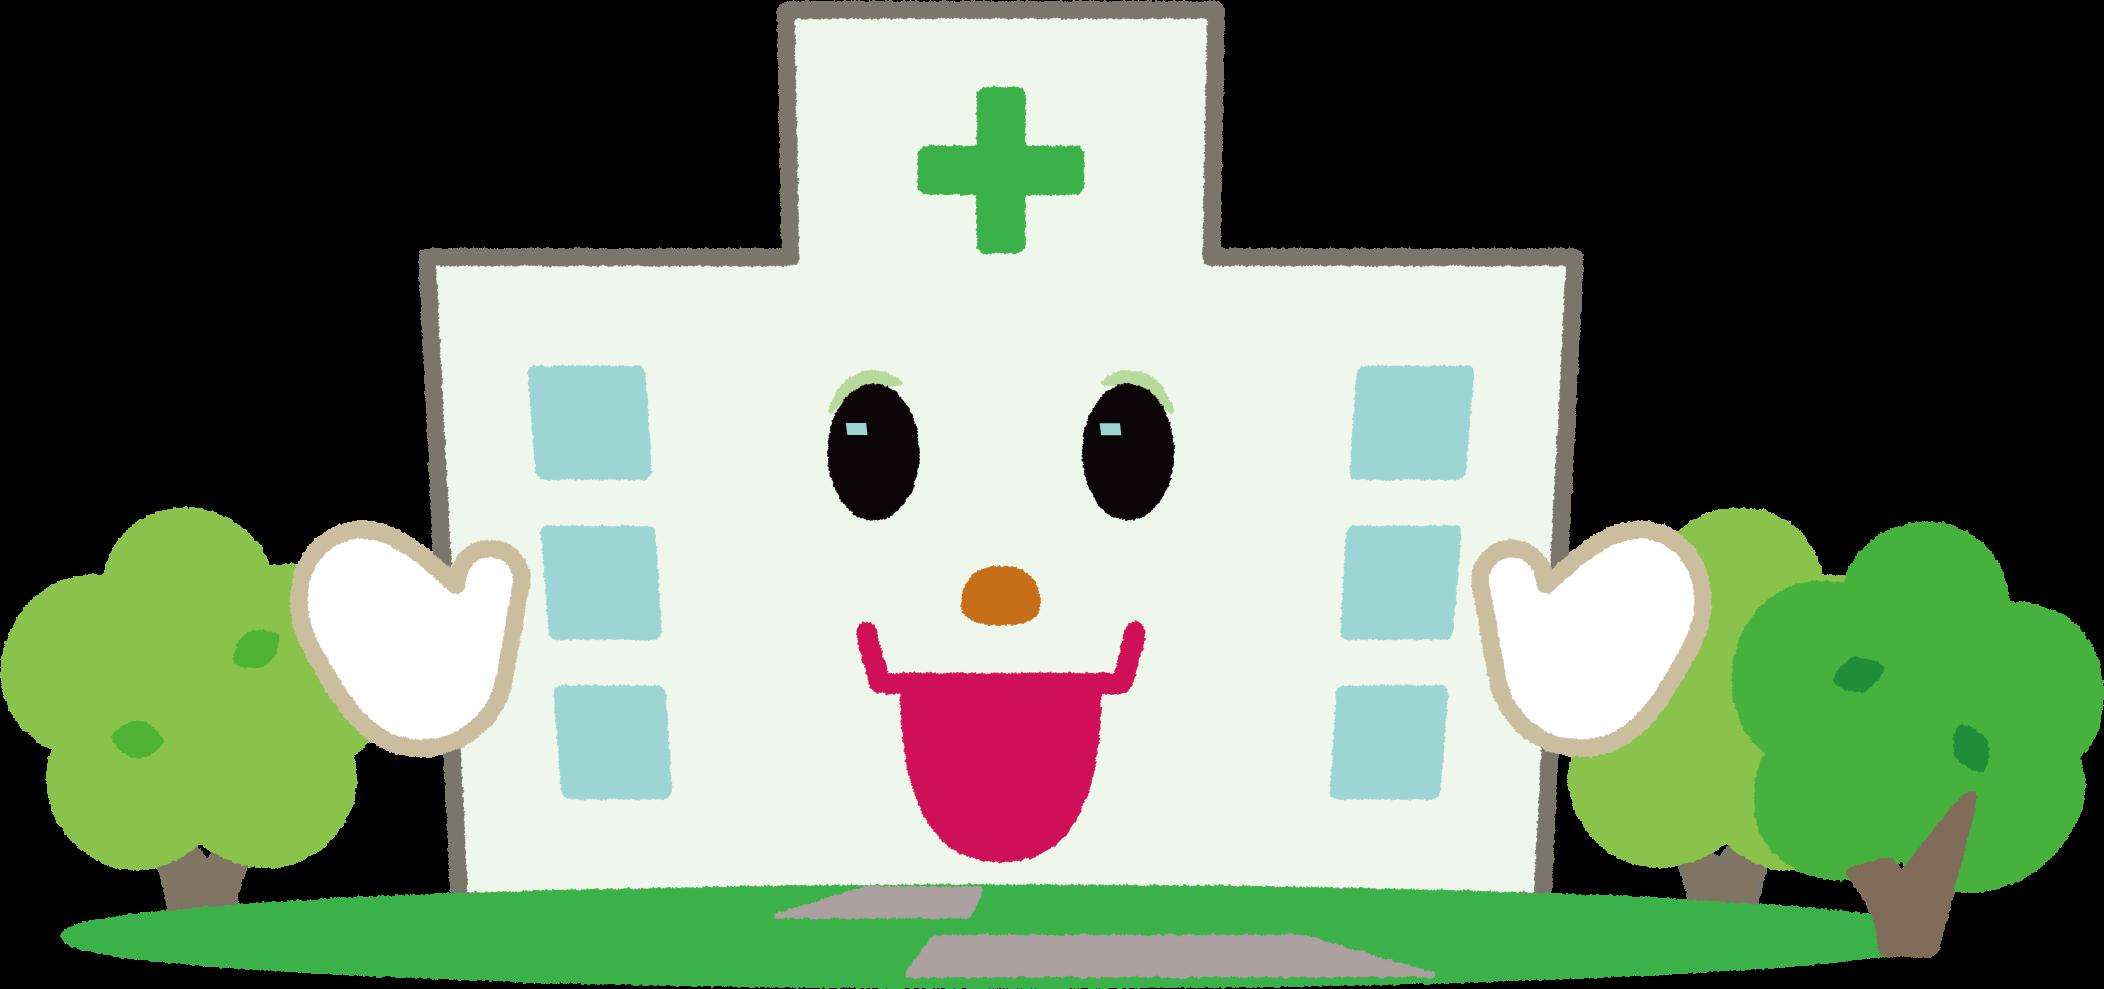 病院イラスト / 病院・クリニック・診療所・医院